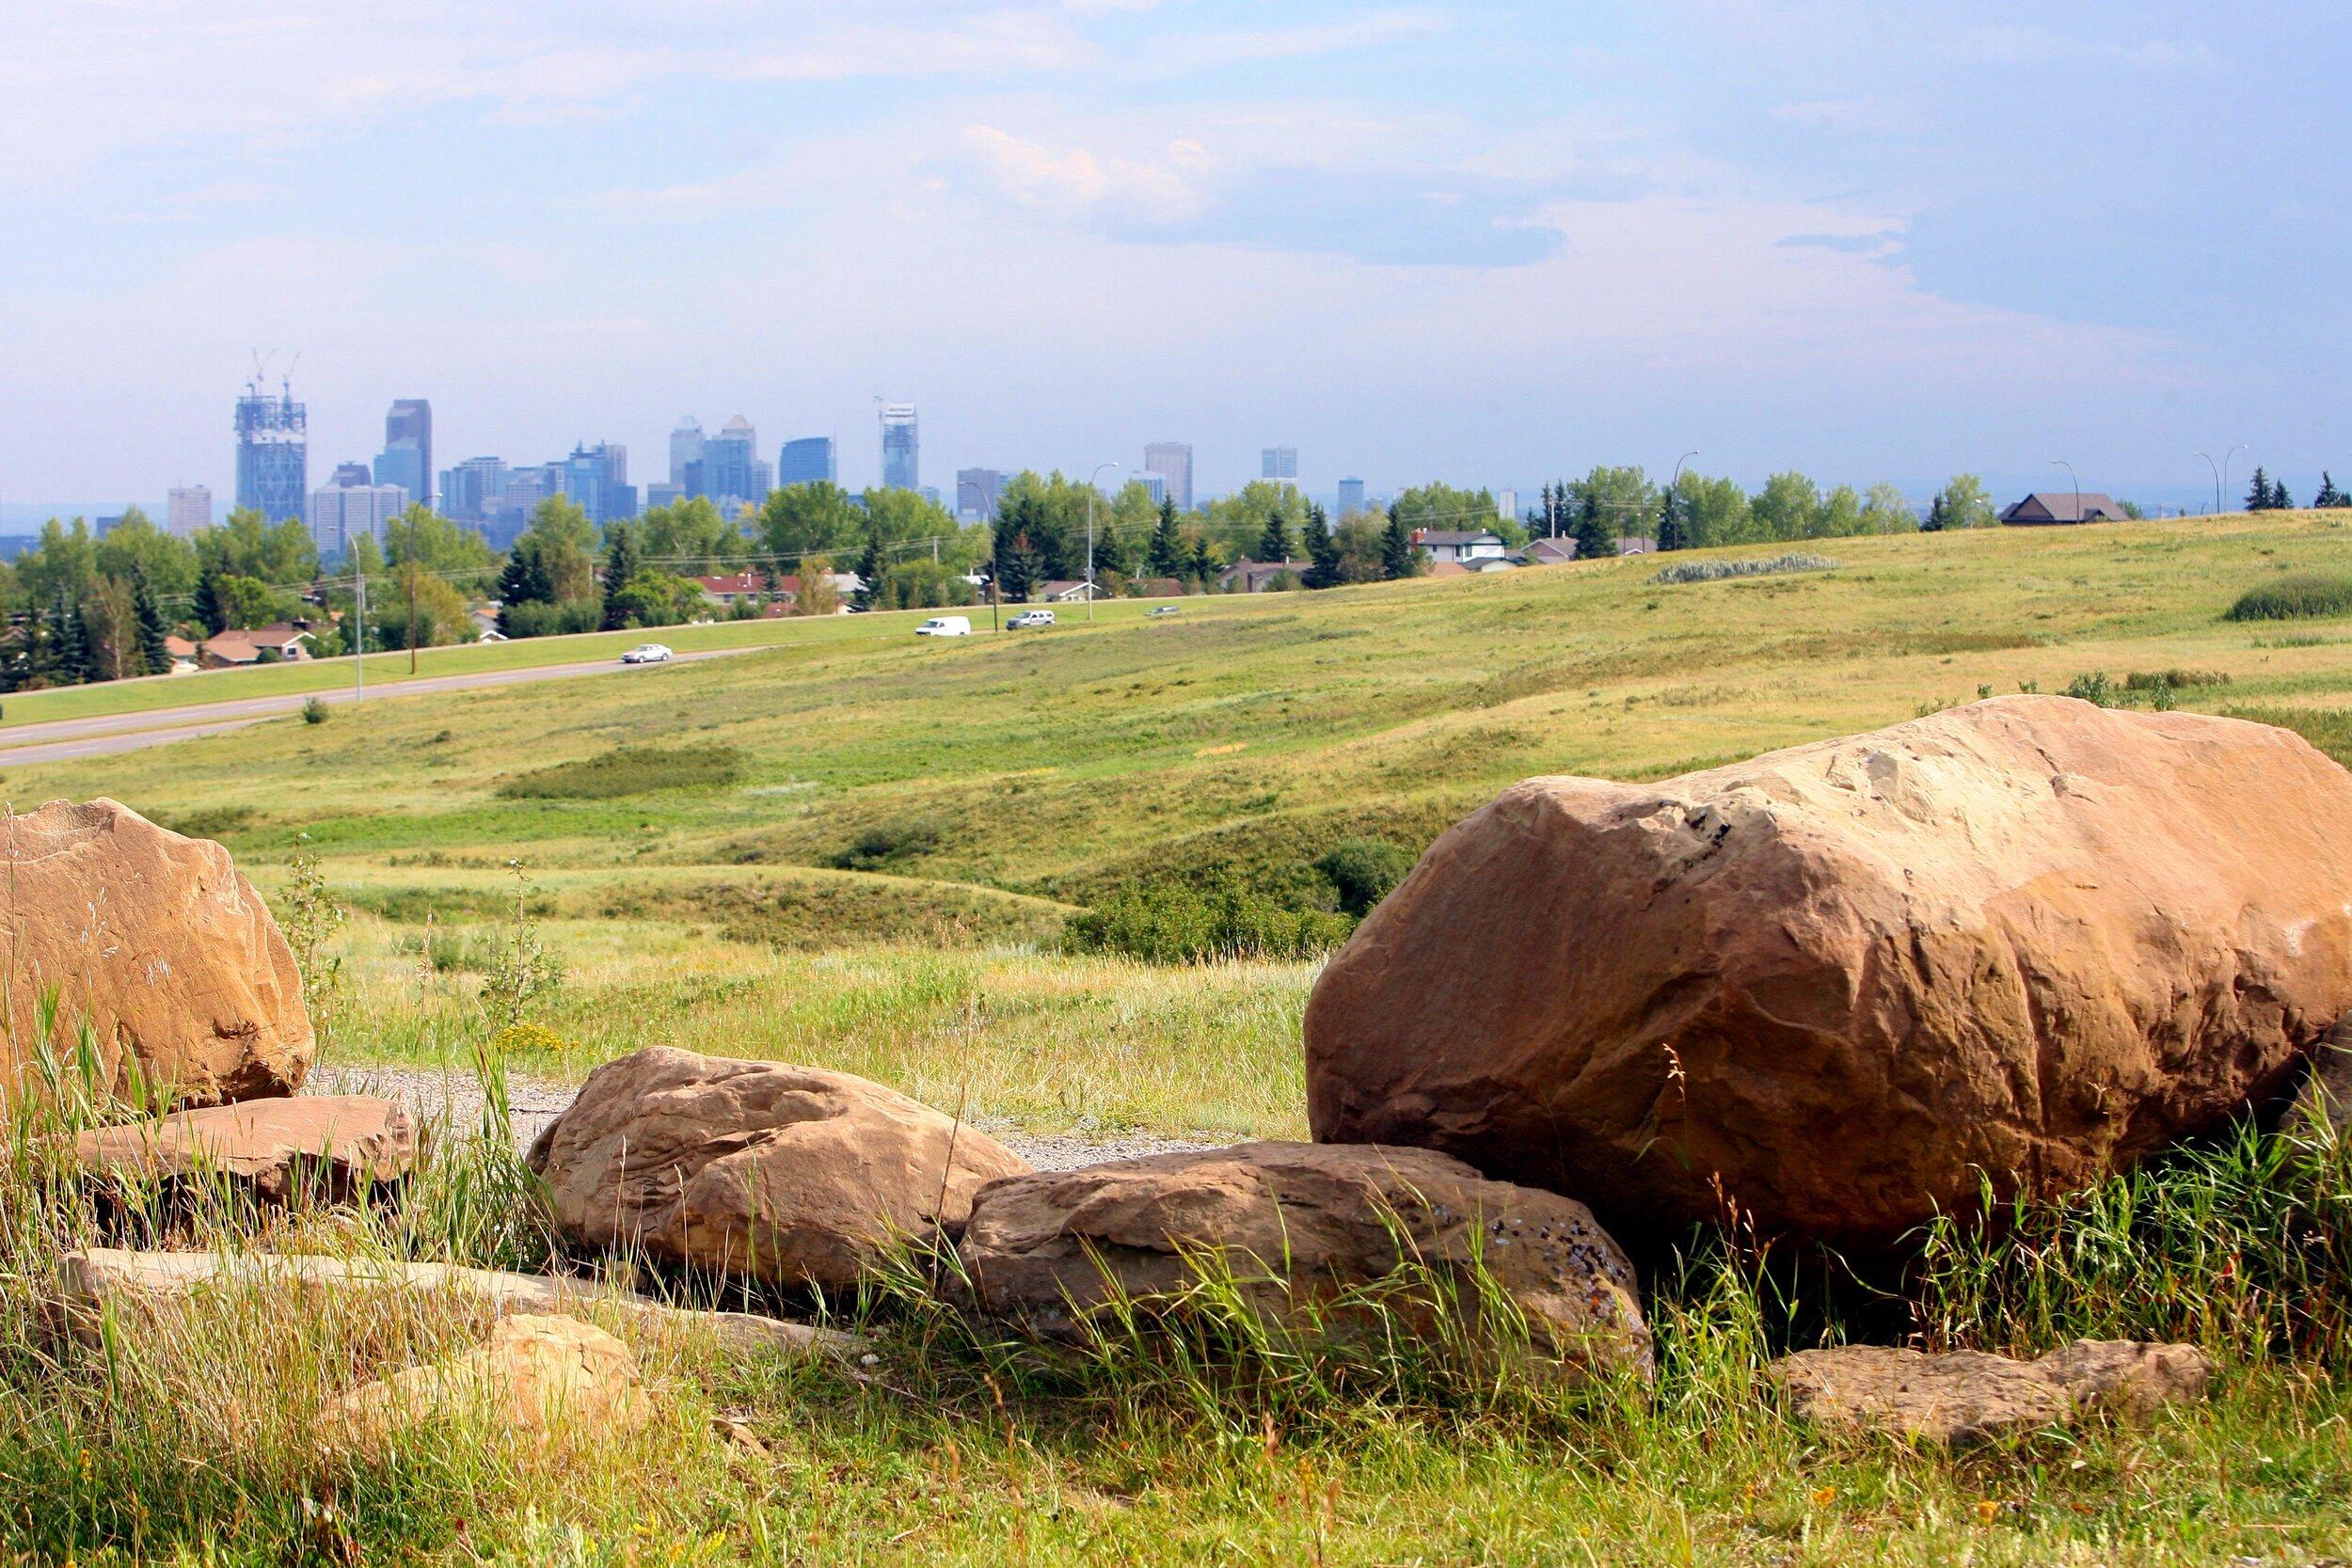 Image courtesy of Tourism Calgary